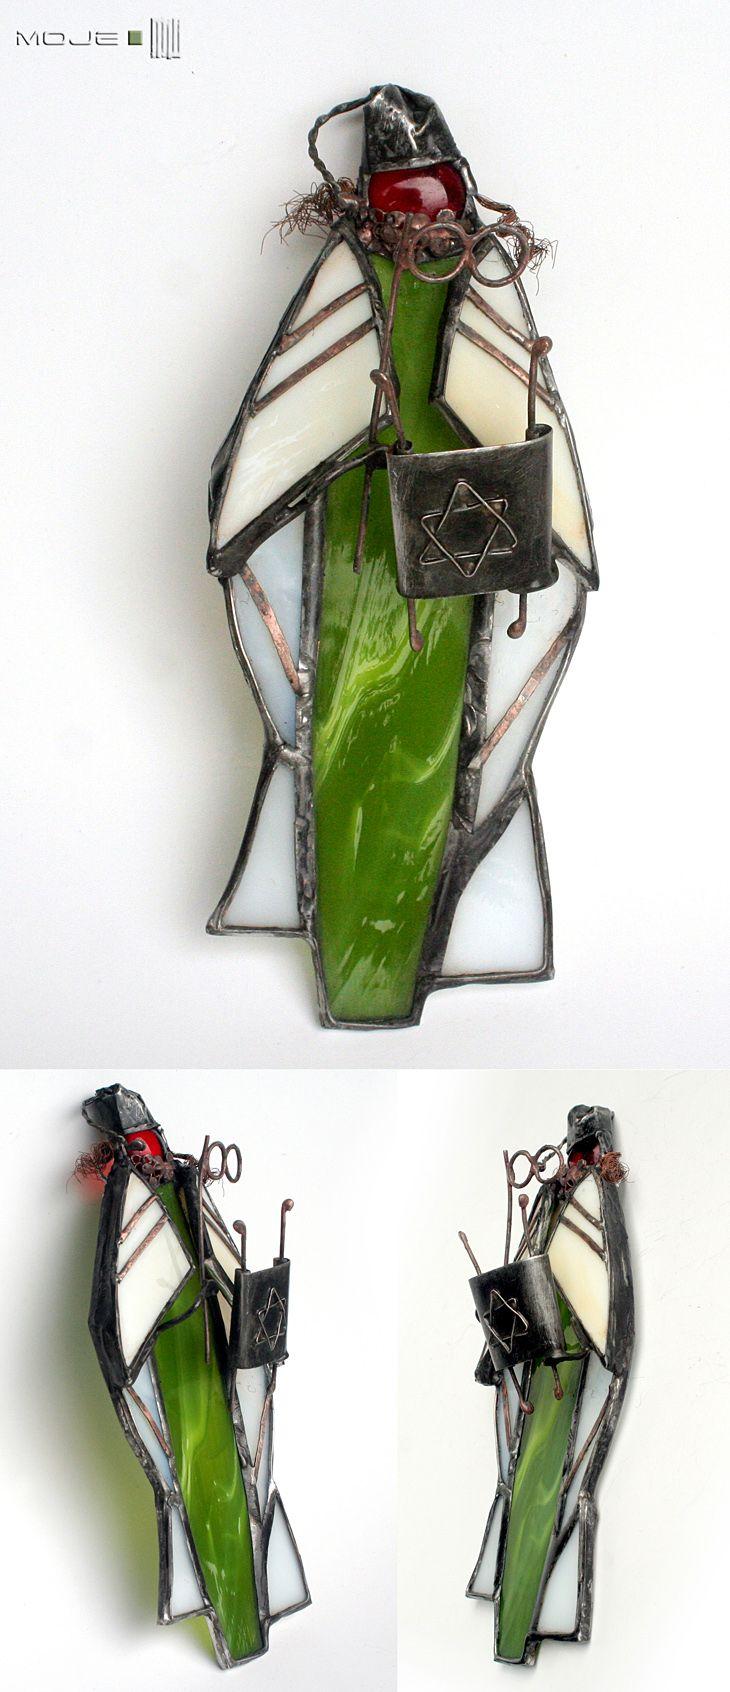 Żydek z Torą / Jew with Torah. Witraż Tiffany / Tiffany Stained Glass. Moje MW